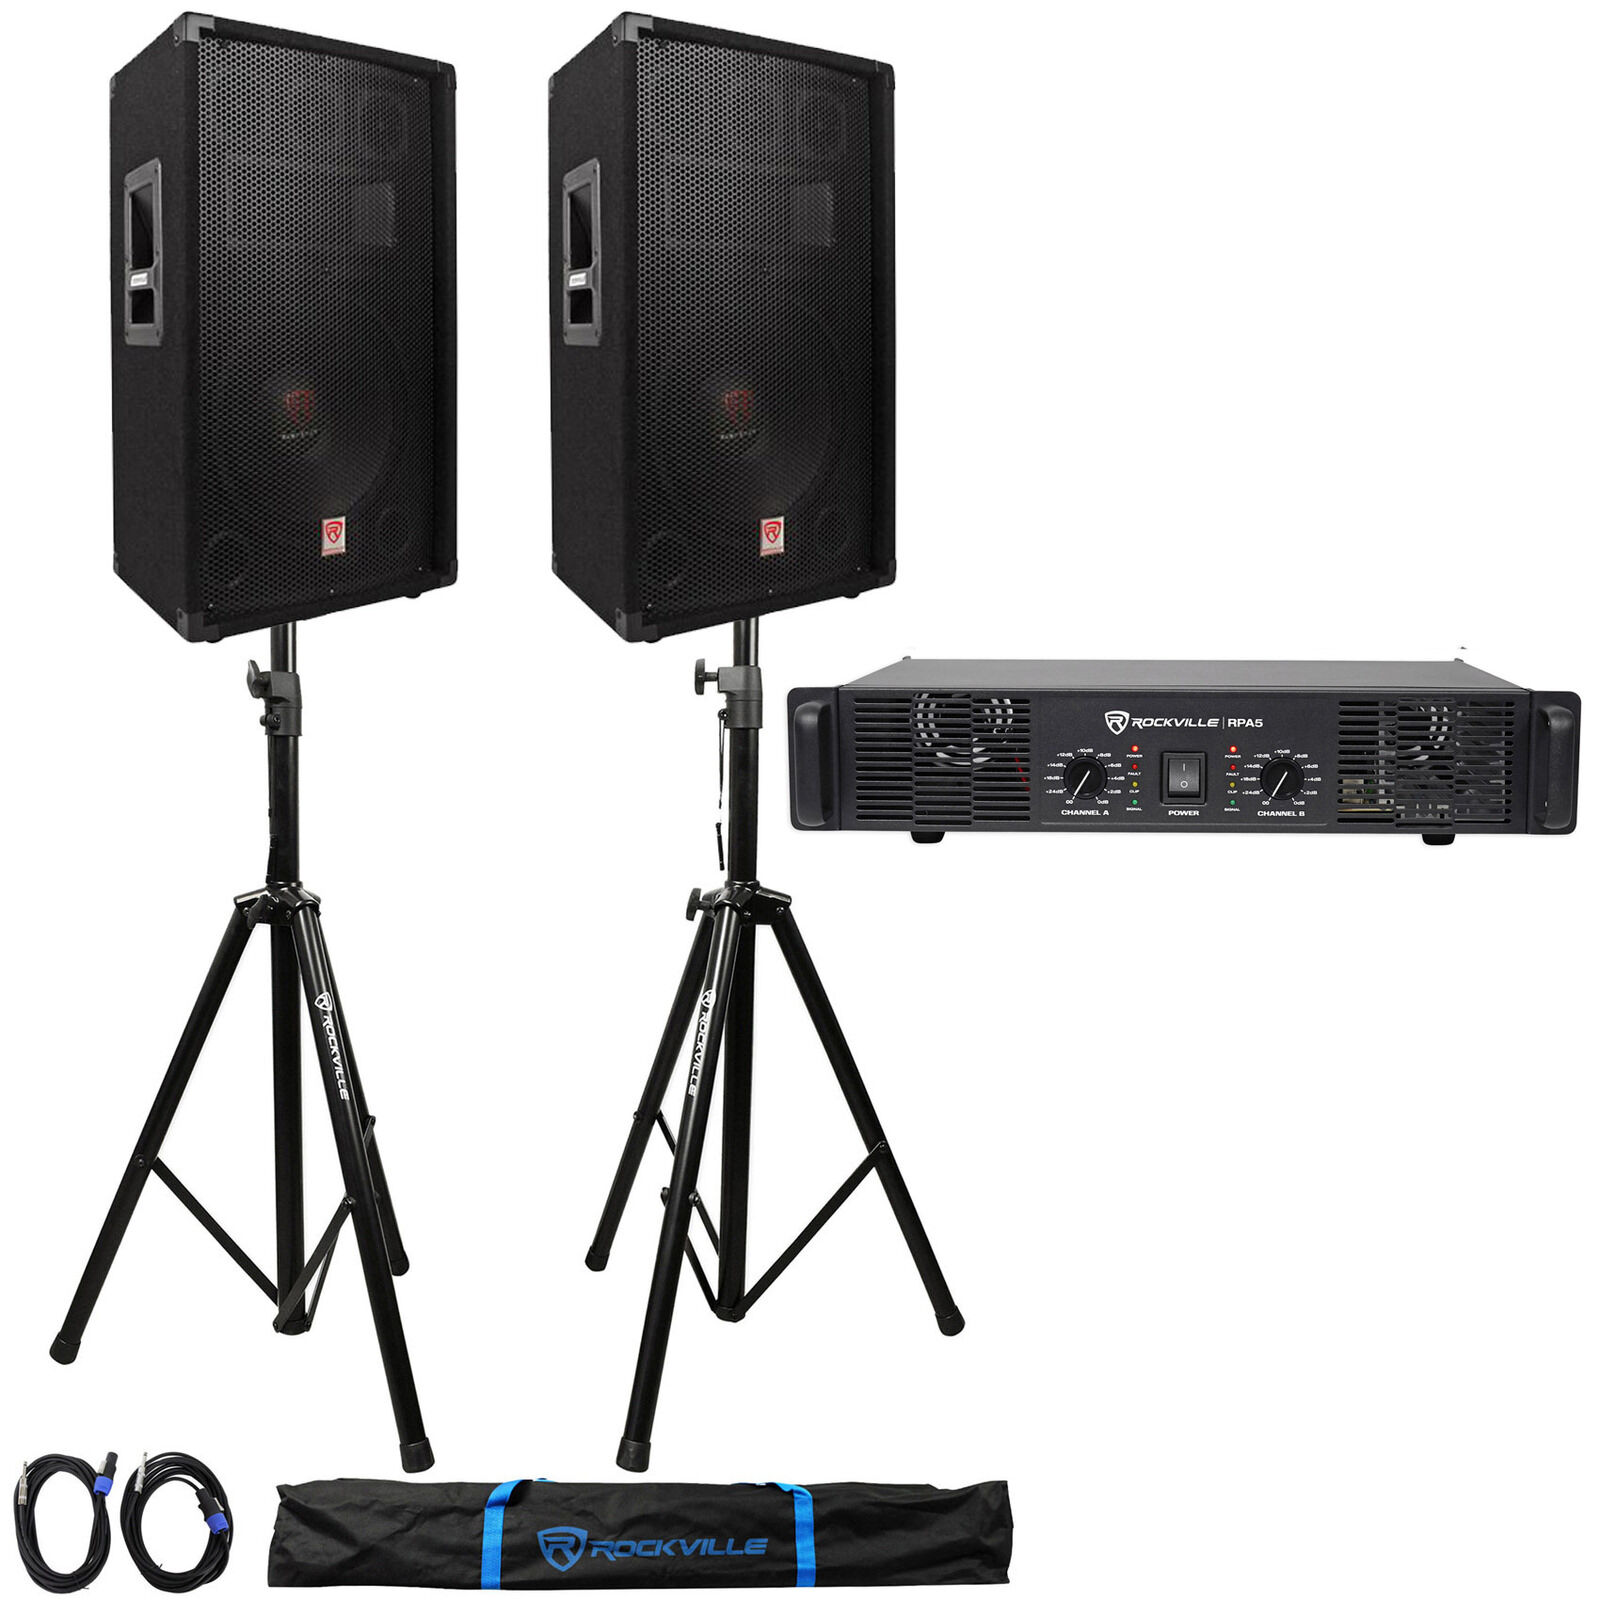 2 Altavoces DJ Rockville RSG12.4 12    1000w +RPA5 1000w Amplificador + soportes + cables + Bolsa 429106